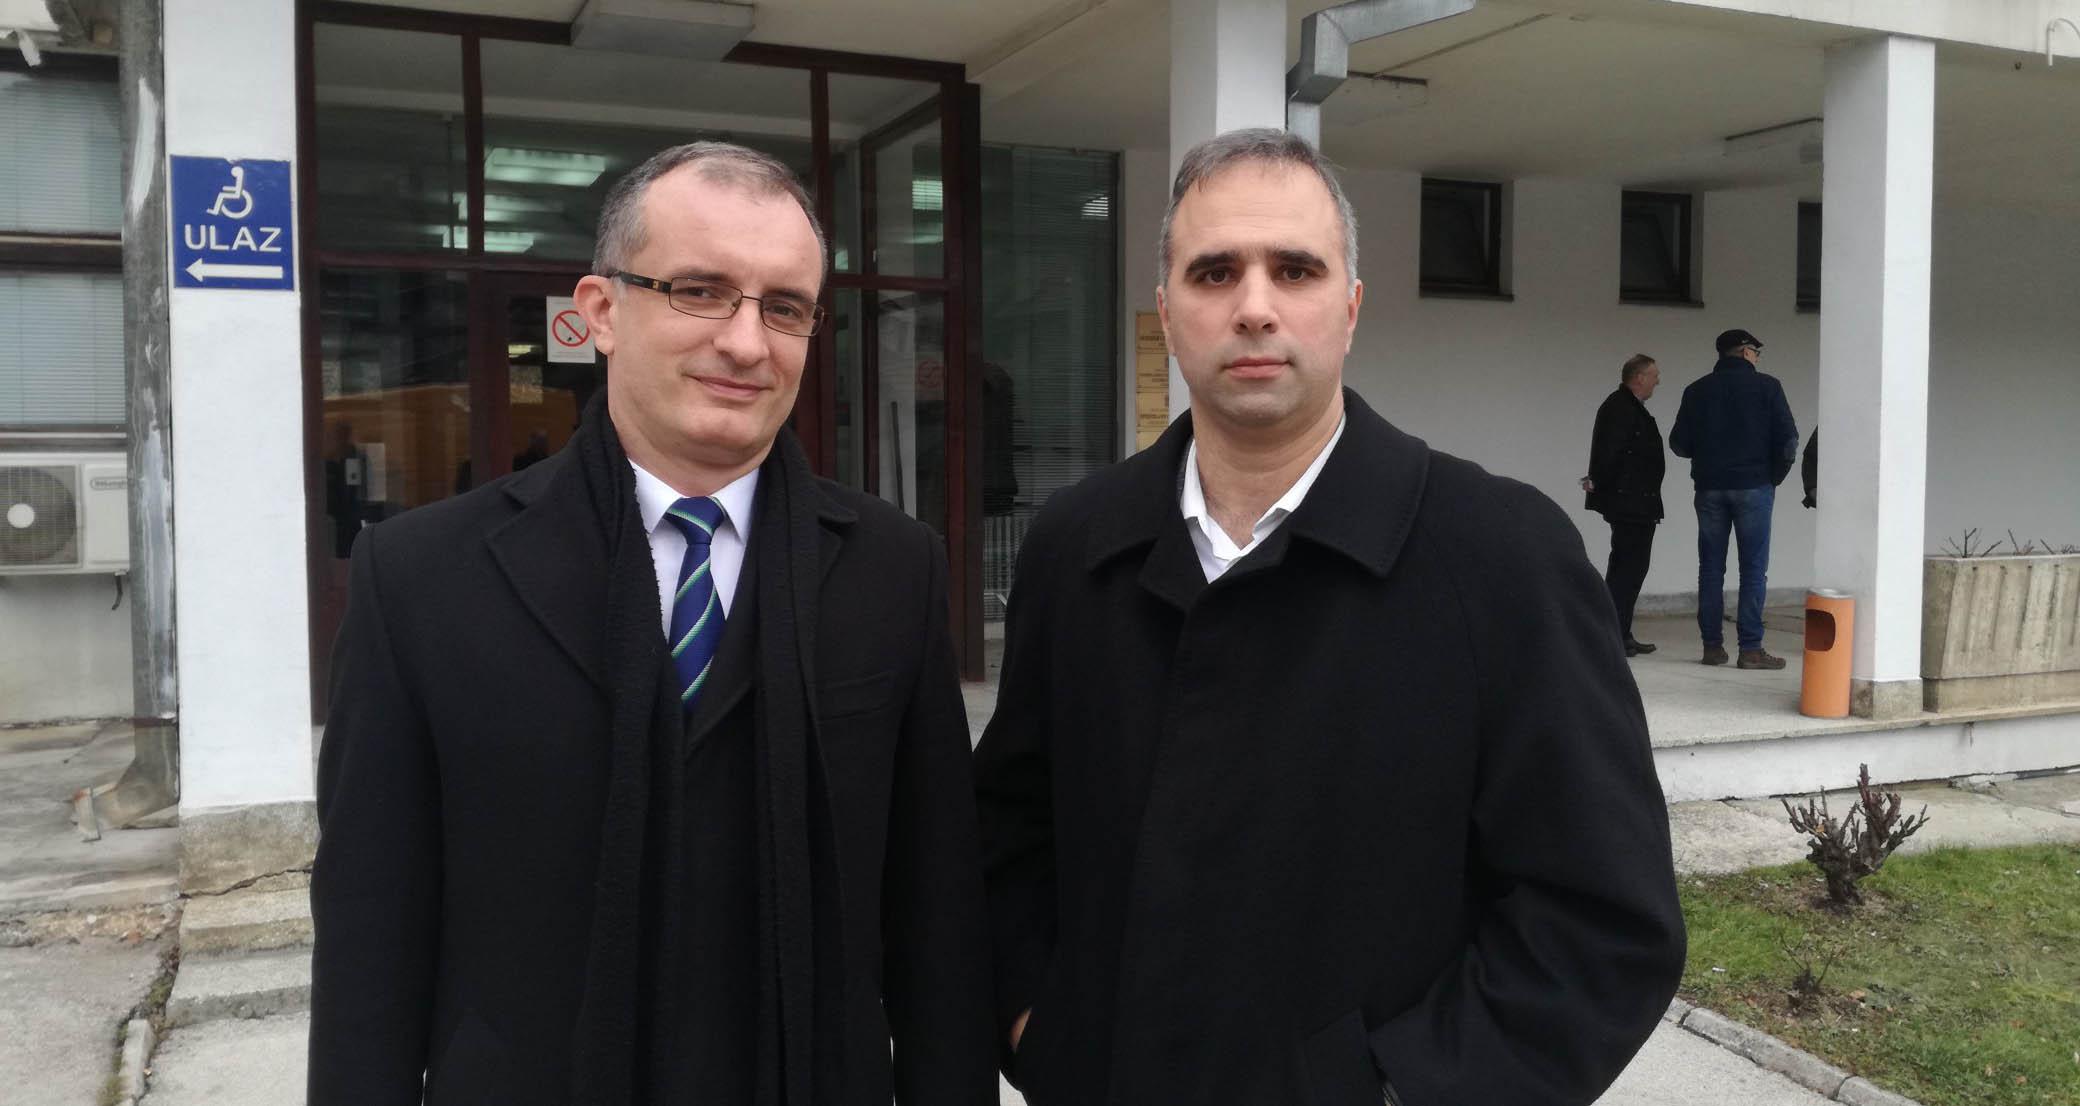 Ђуровић: Саслушање у тужилаштву наставак фарсе и политичког прогона опозиције